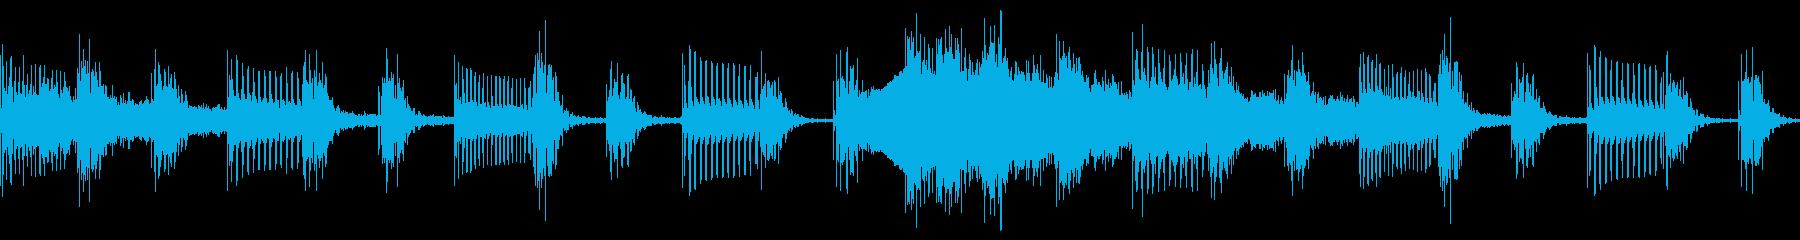 レトロチックで神秘的なBGM の再生済みの波形